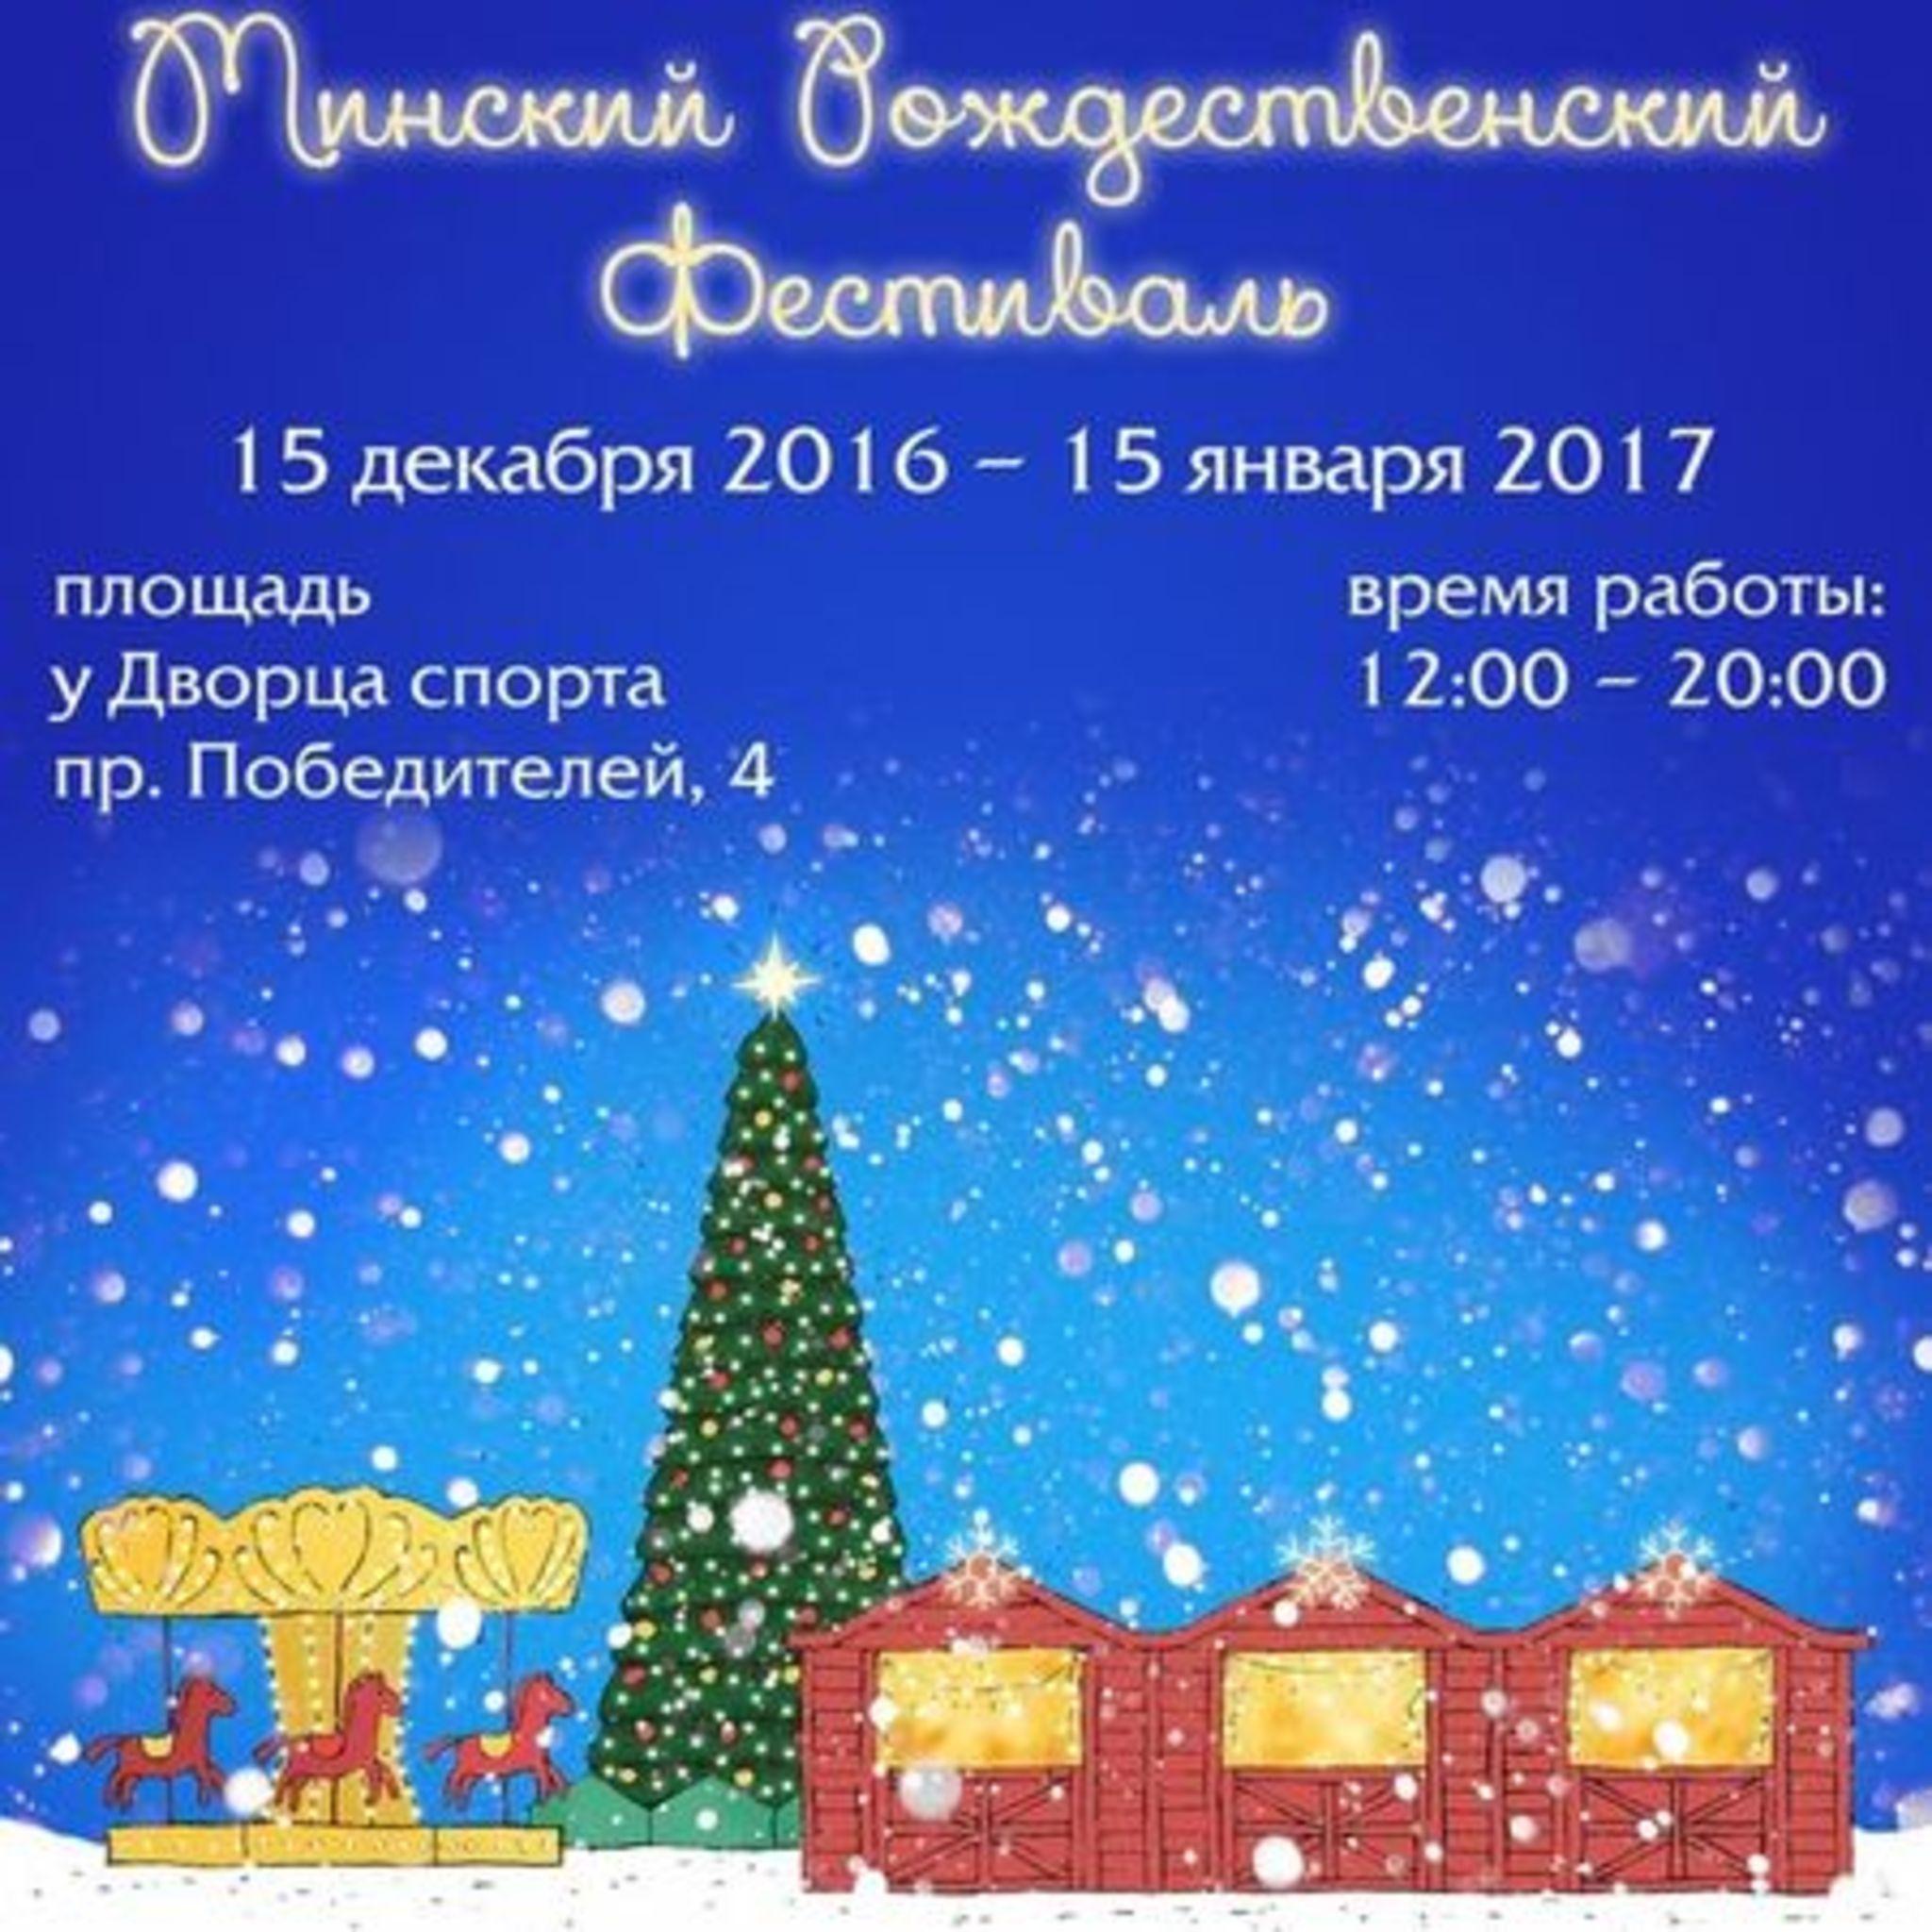 Международный минский рождественский фестиваль